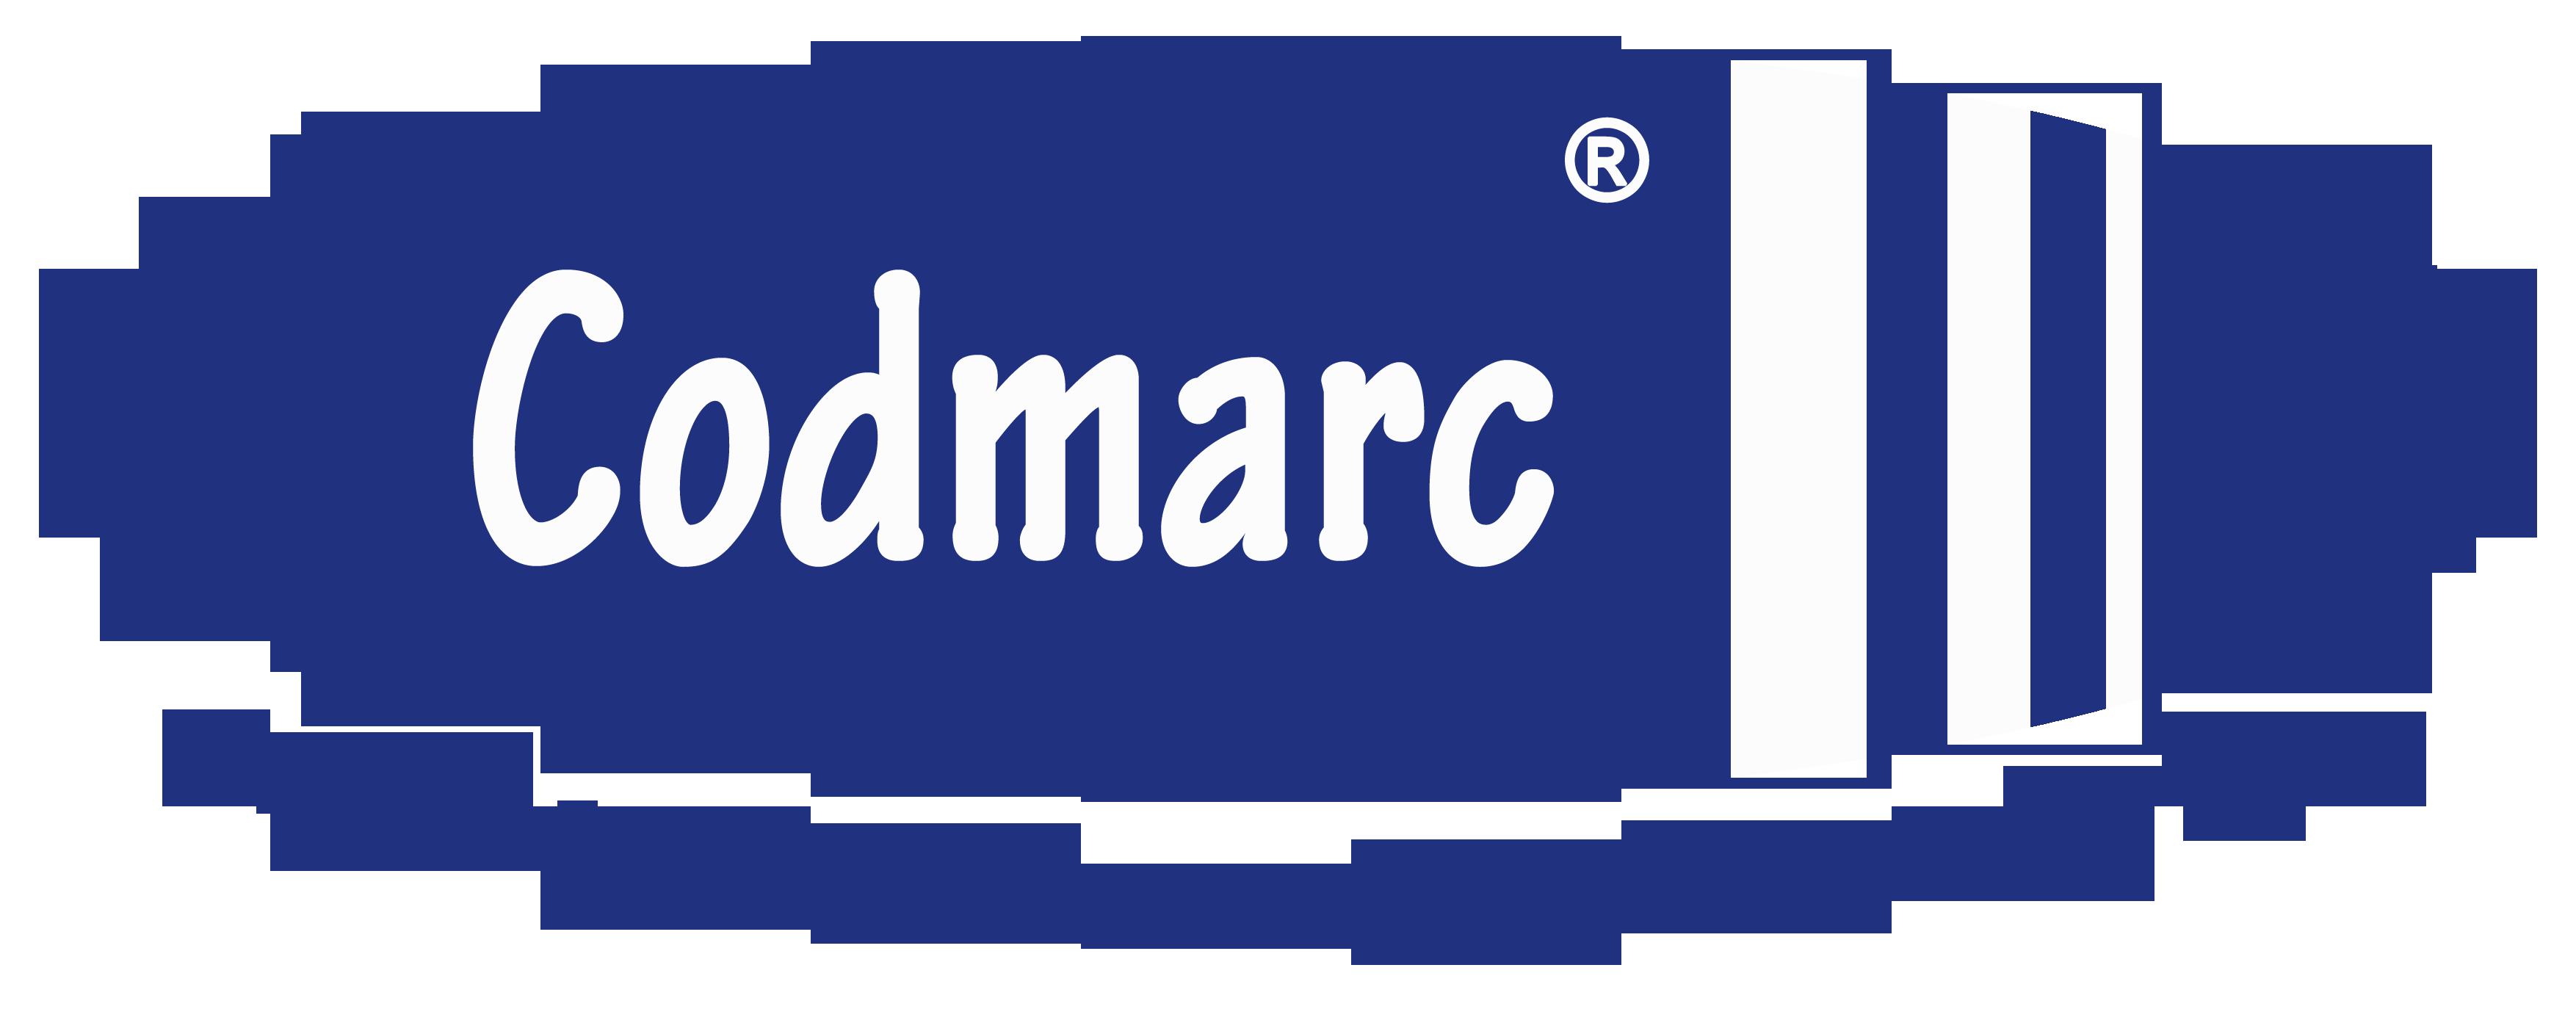 Codificação e Marcação Indústrial - Codmarc